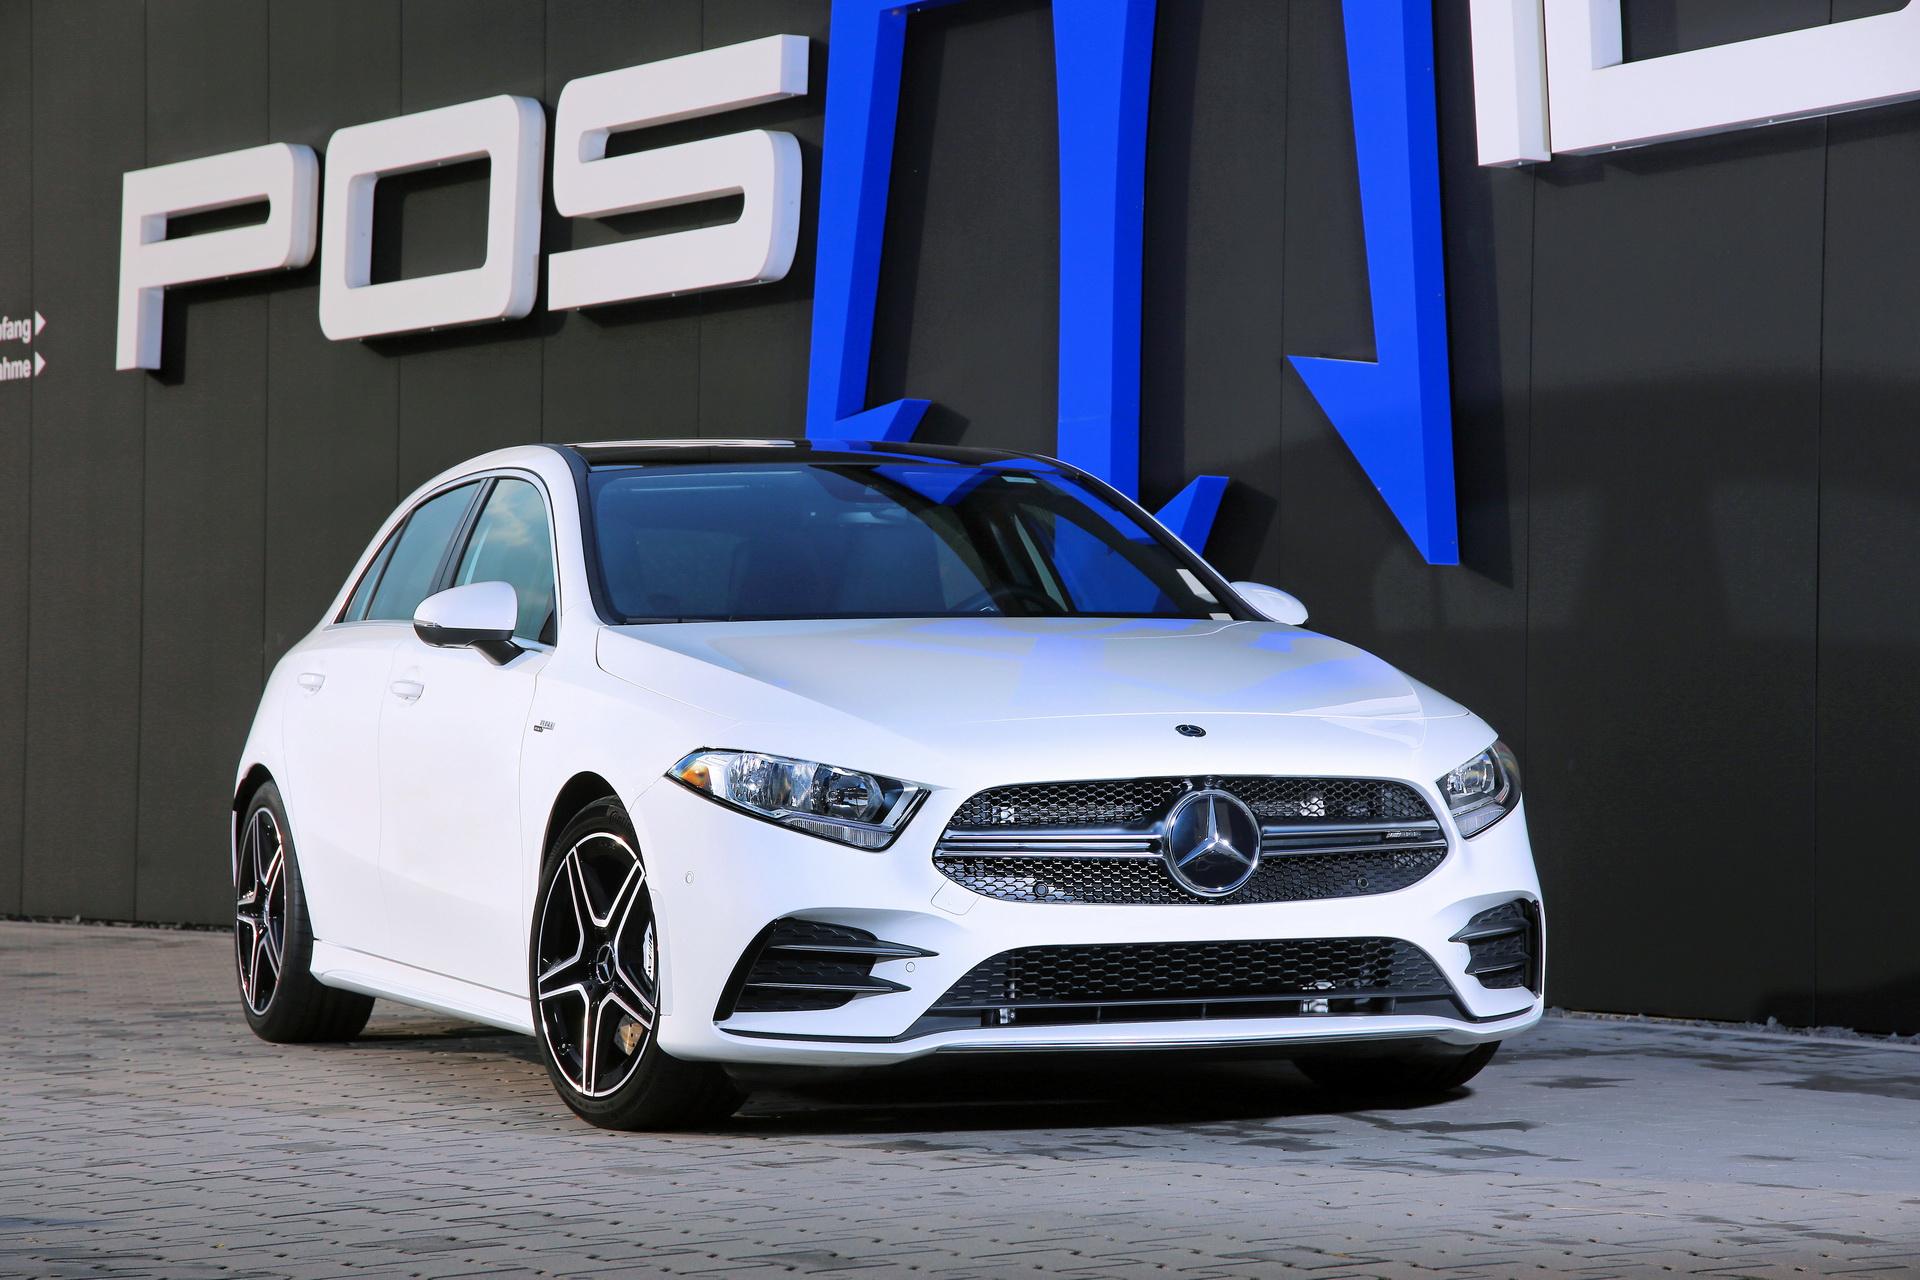 В прошлом году тюнеры из Posaidon уже выжали из Mercedes-AMG A45 S рекордные 525 л.с. и 600 Нм тяги (см. видео), а в этом подтянули показатели «тридцать пятой» модели до уровня серийного A45.